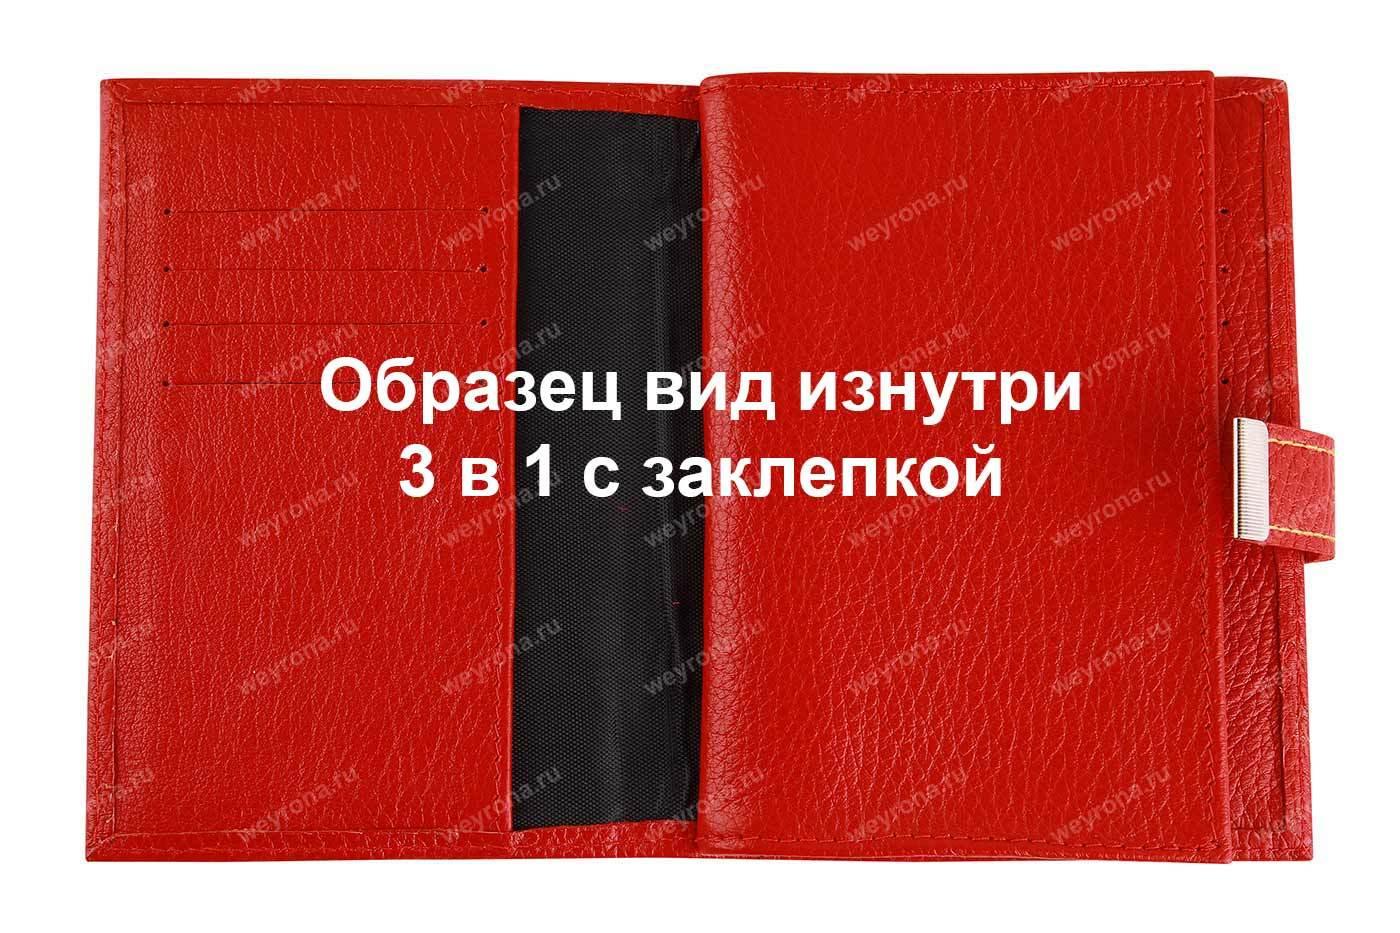 Обложка с заклепкой ФЛОТЕР ЭЛЕКТРО  3 в 1 (ТЕЛЯЧЬЯ КОЖА)